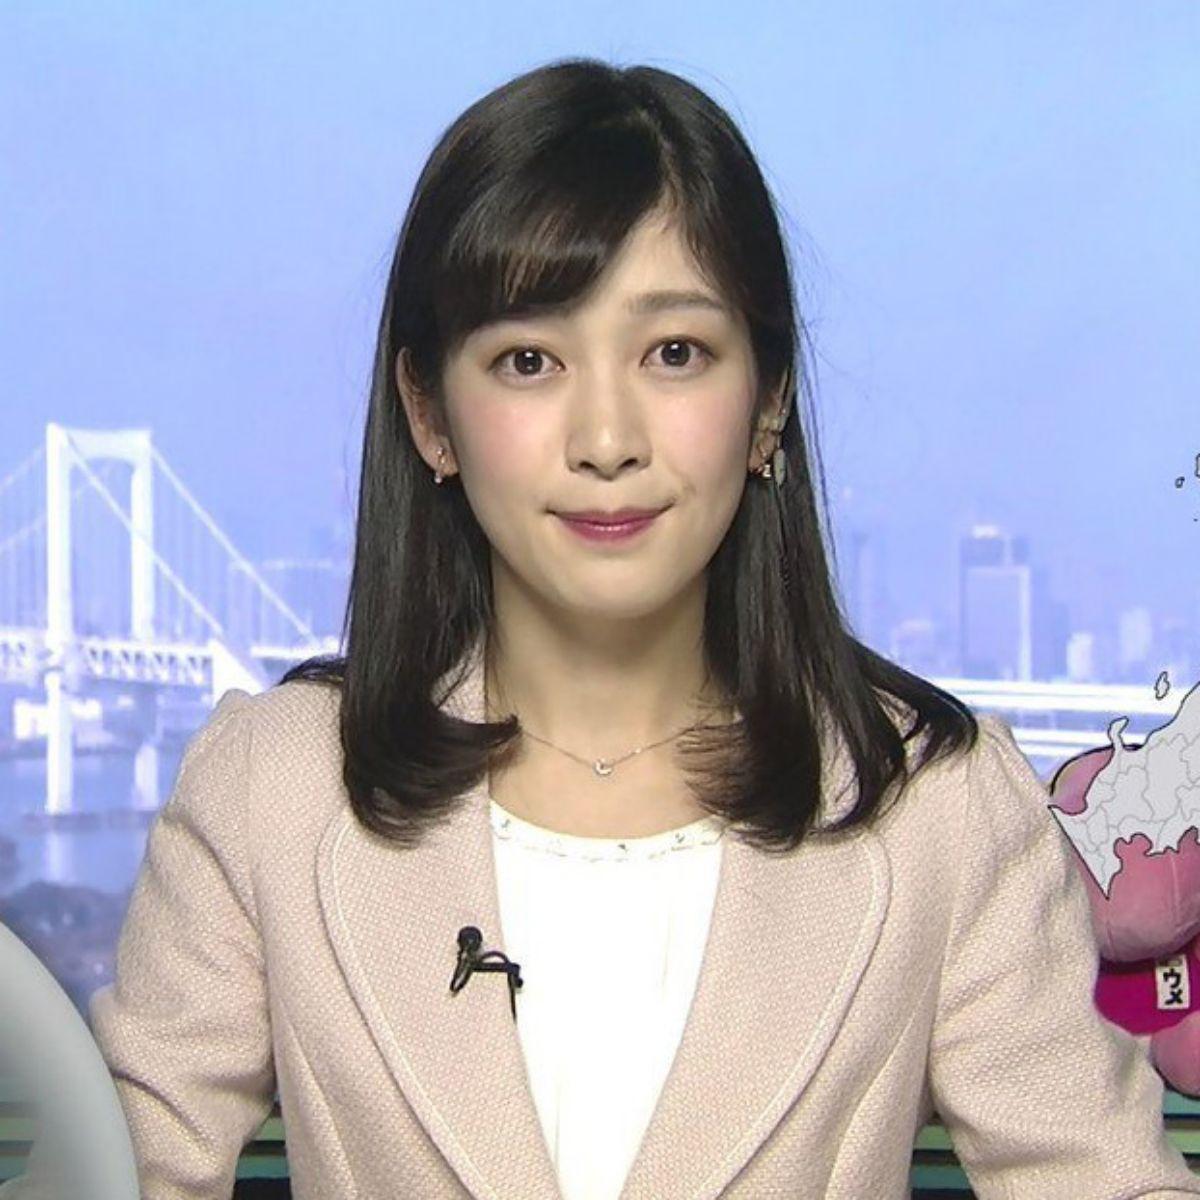 姫野美南 顔画像